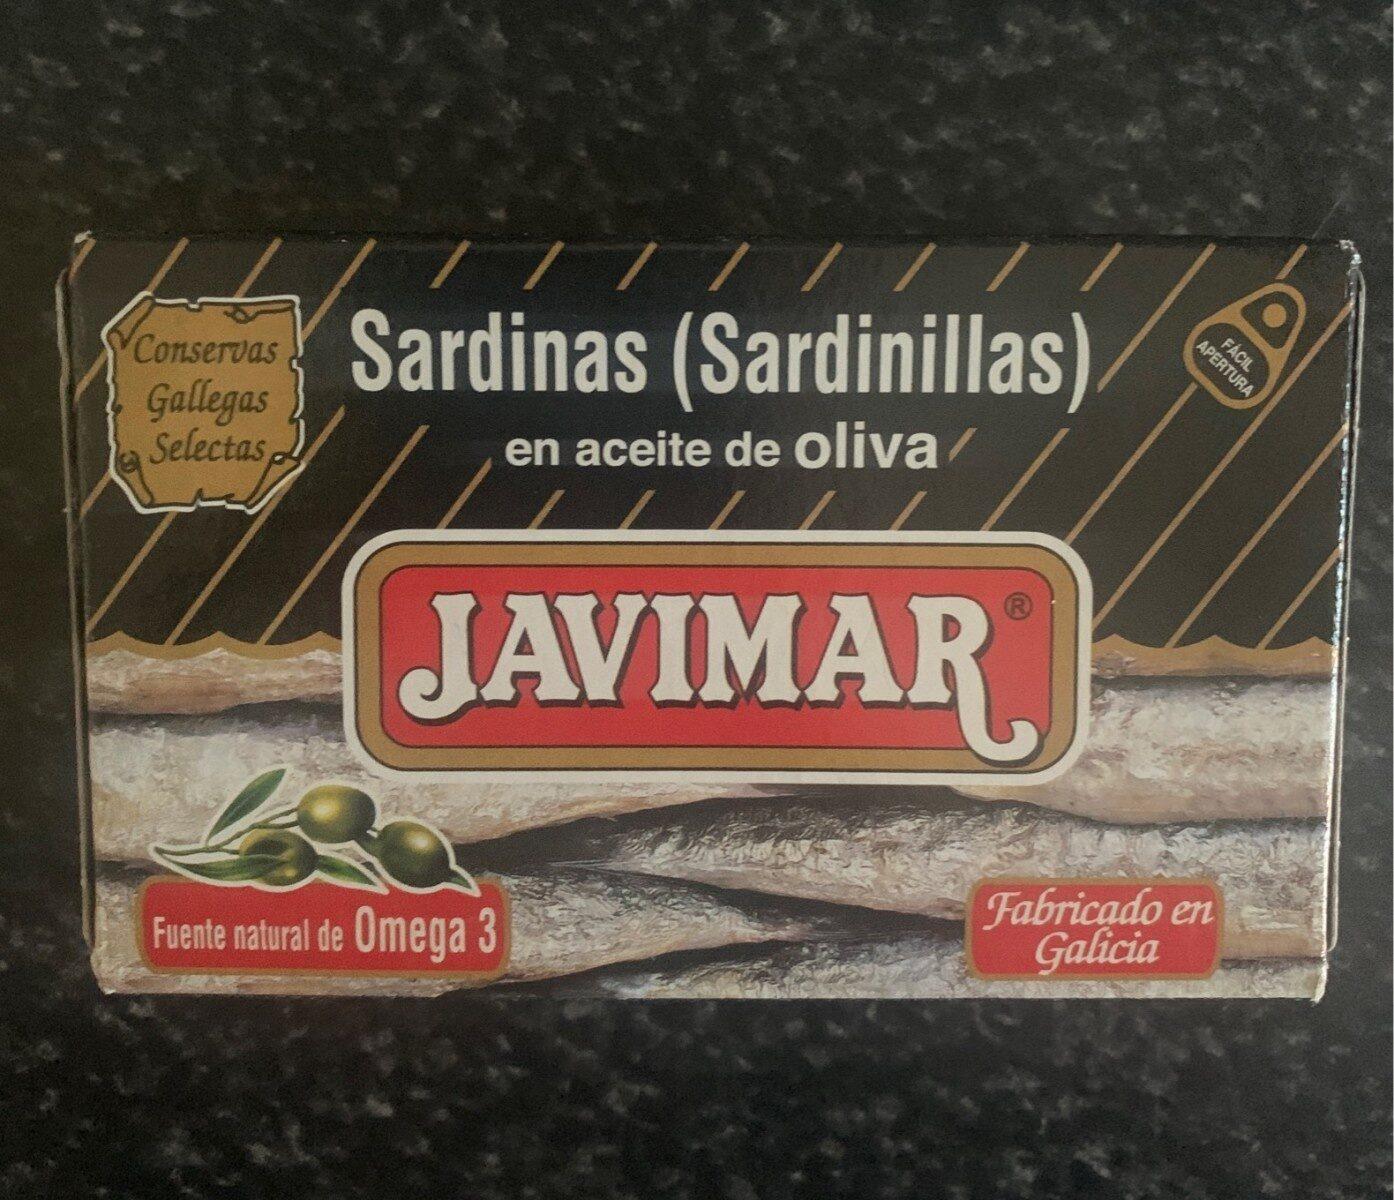 Sardinillas en aceite de oliva - Produit - es